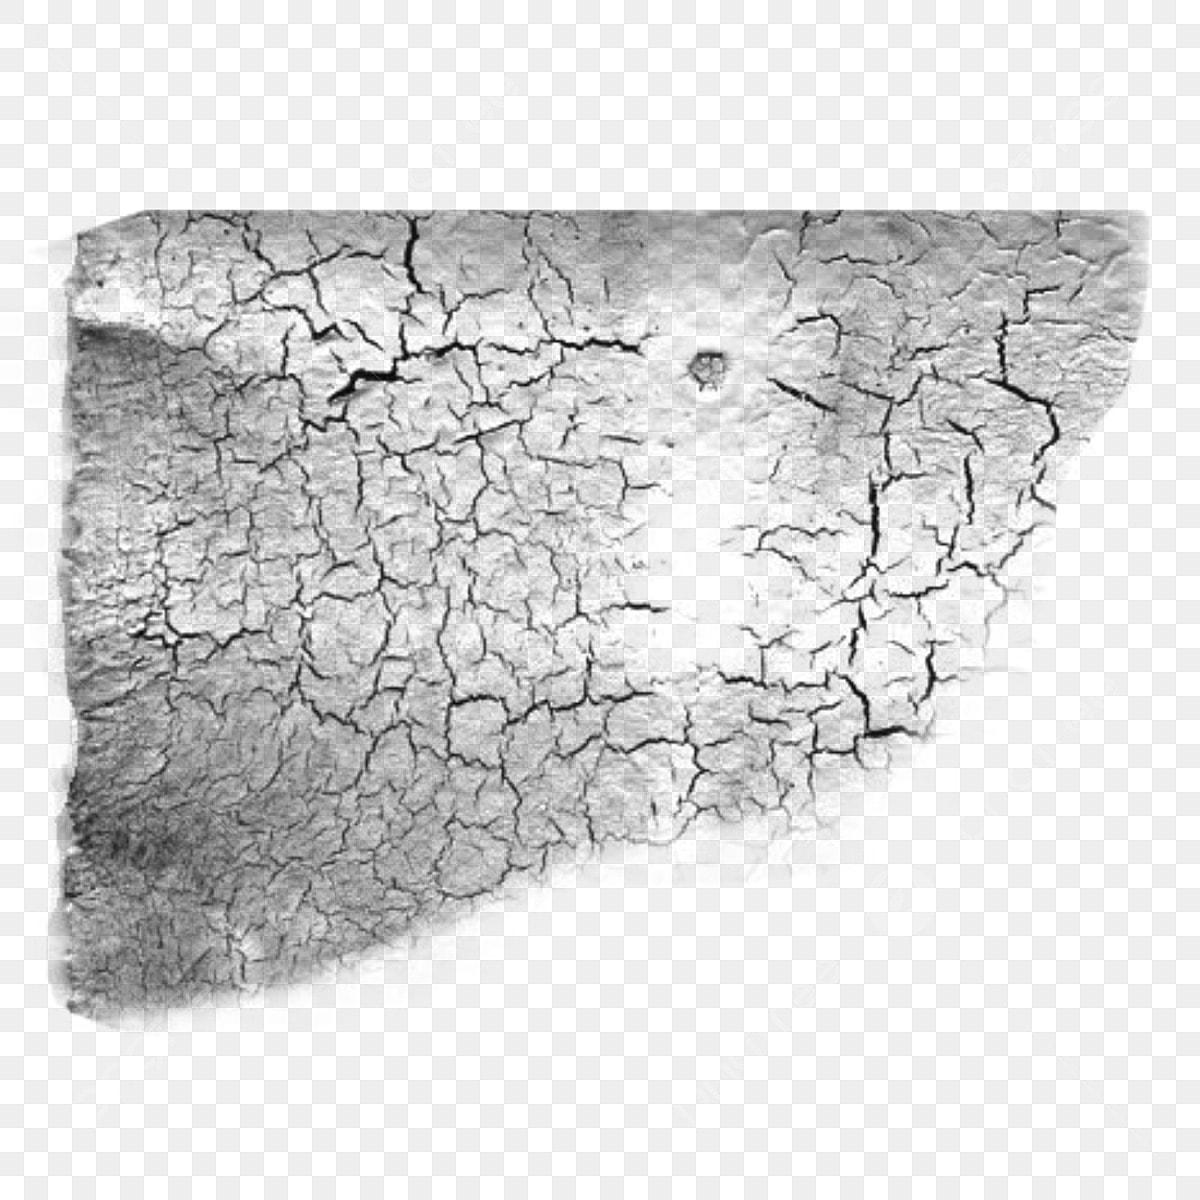 Rock crack. Wood clipart png transparent